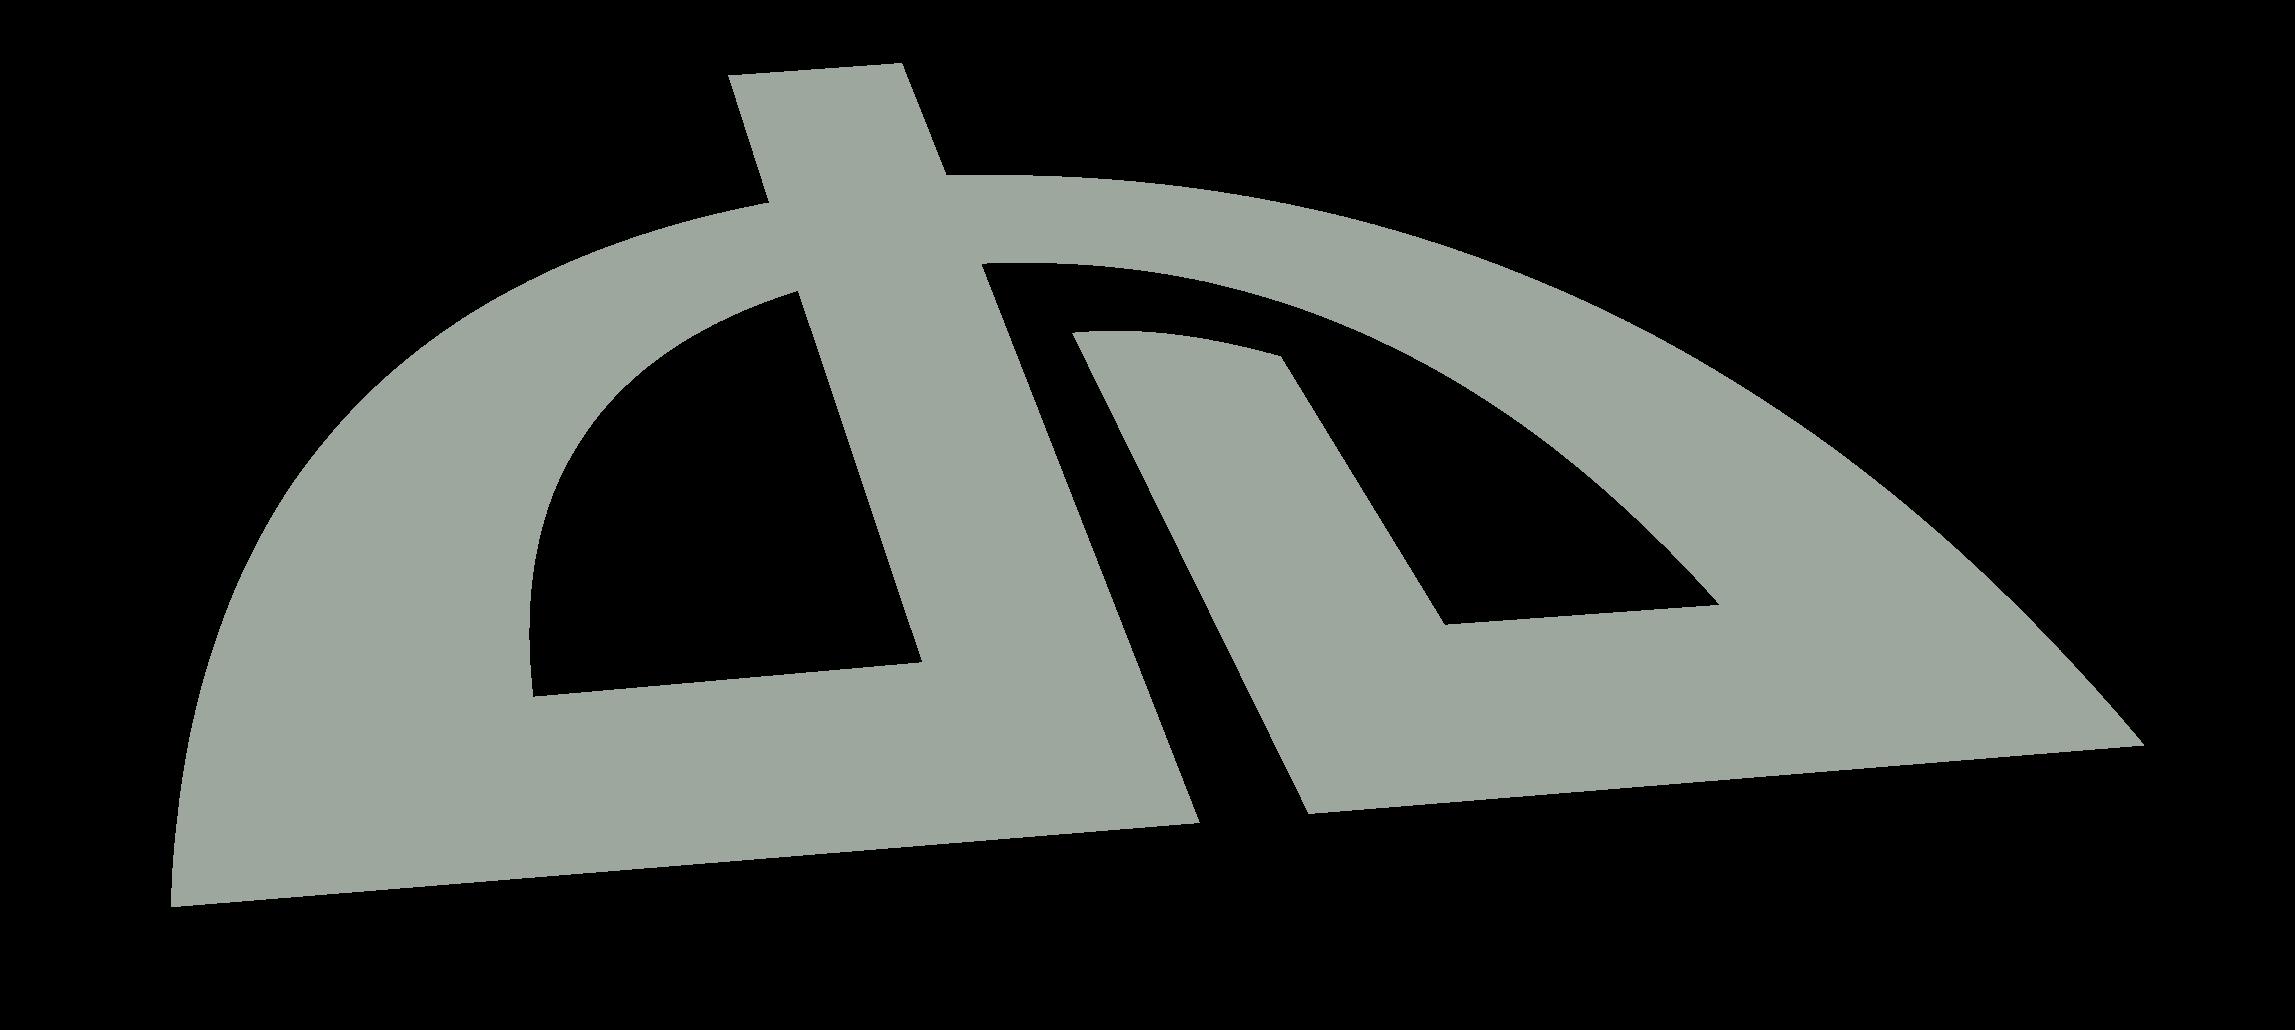 deviantart logo 05